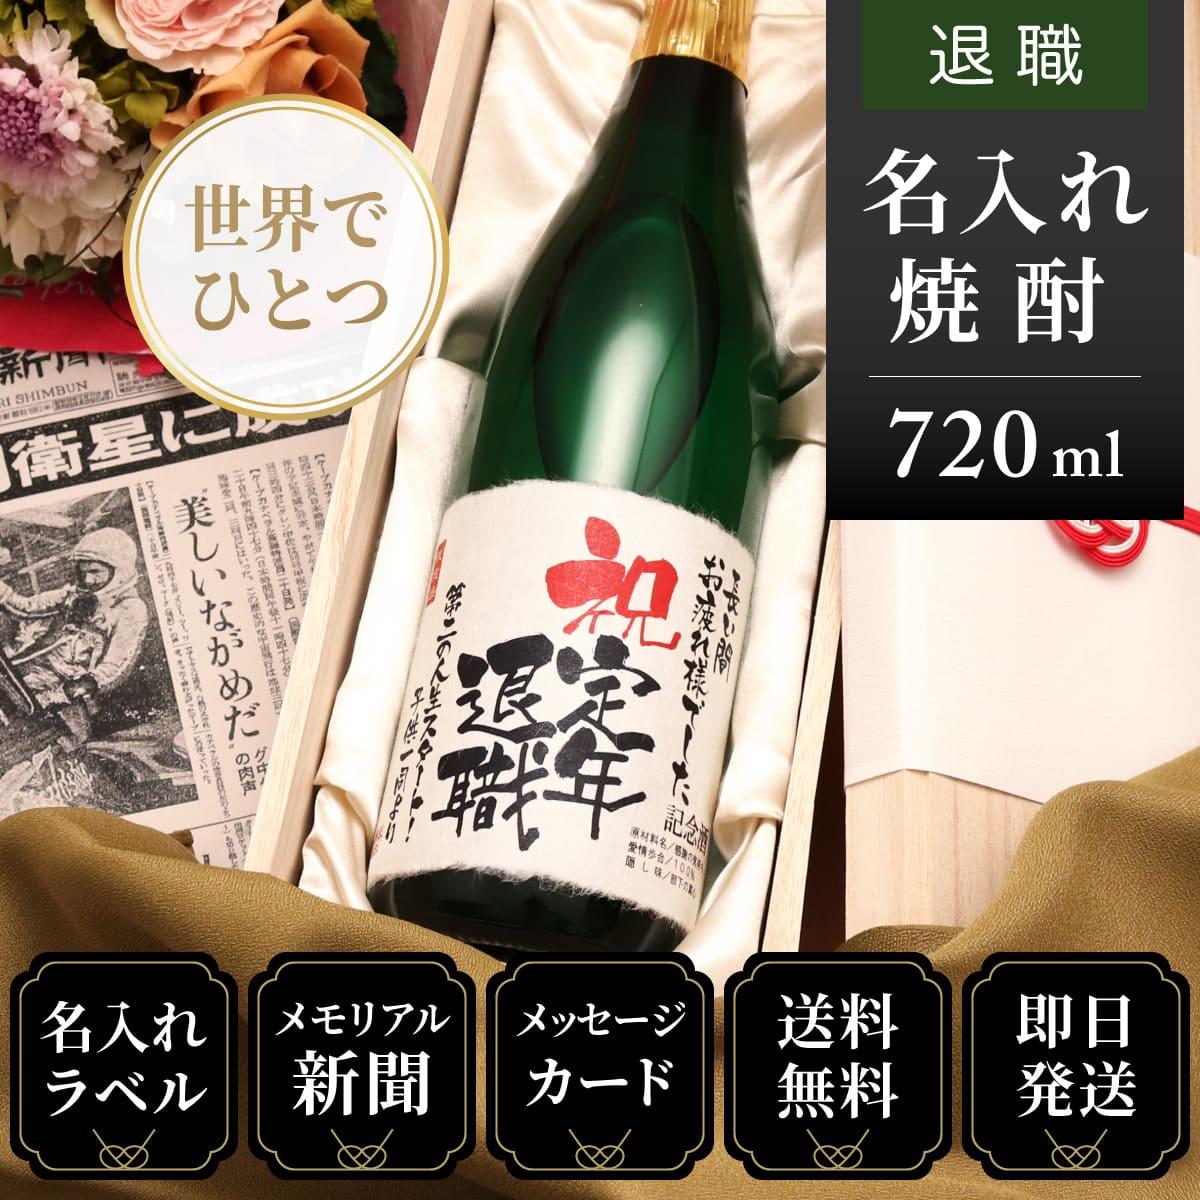 【退職のお祝いに】入社日の新聞付き名入れ焼酎720ml≪華乃蕾≫【酒粕焼酎】